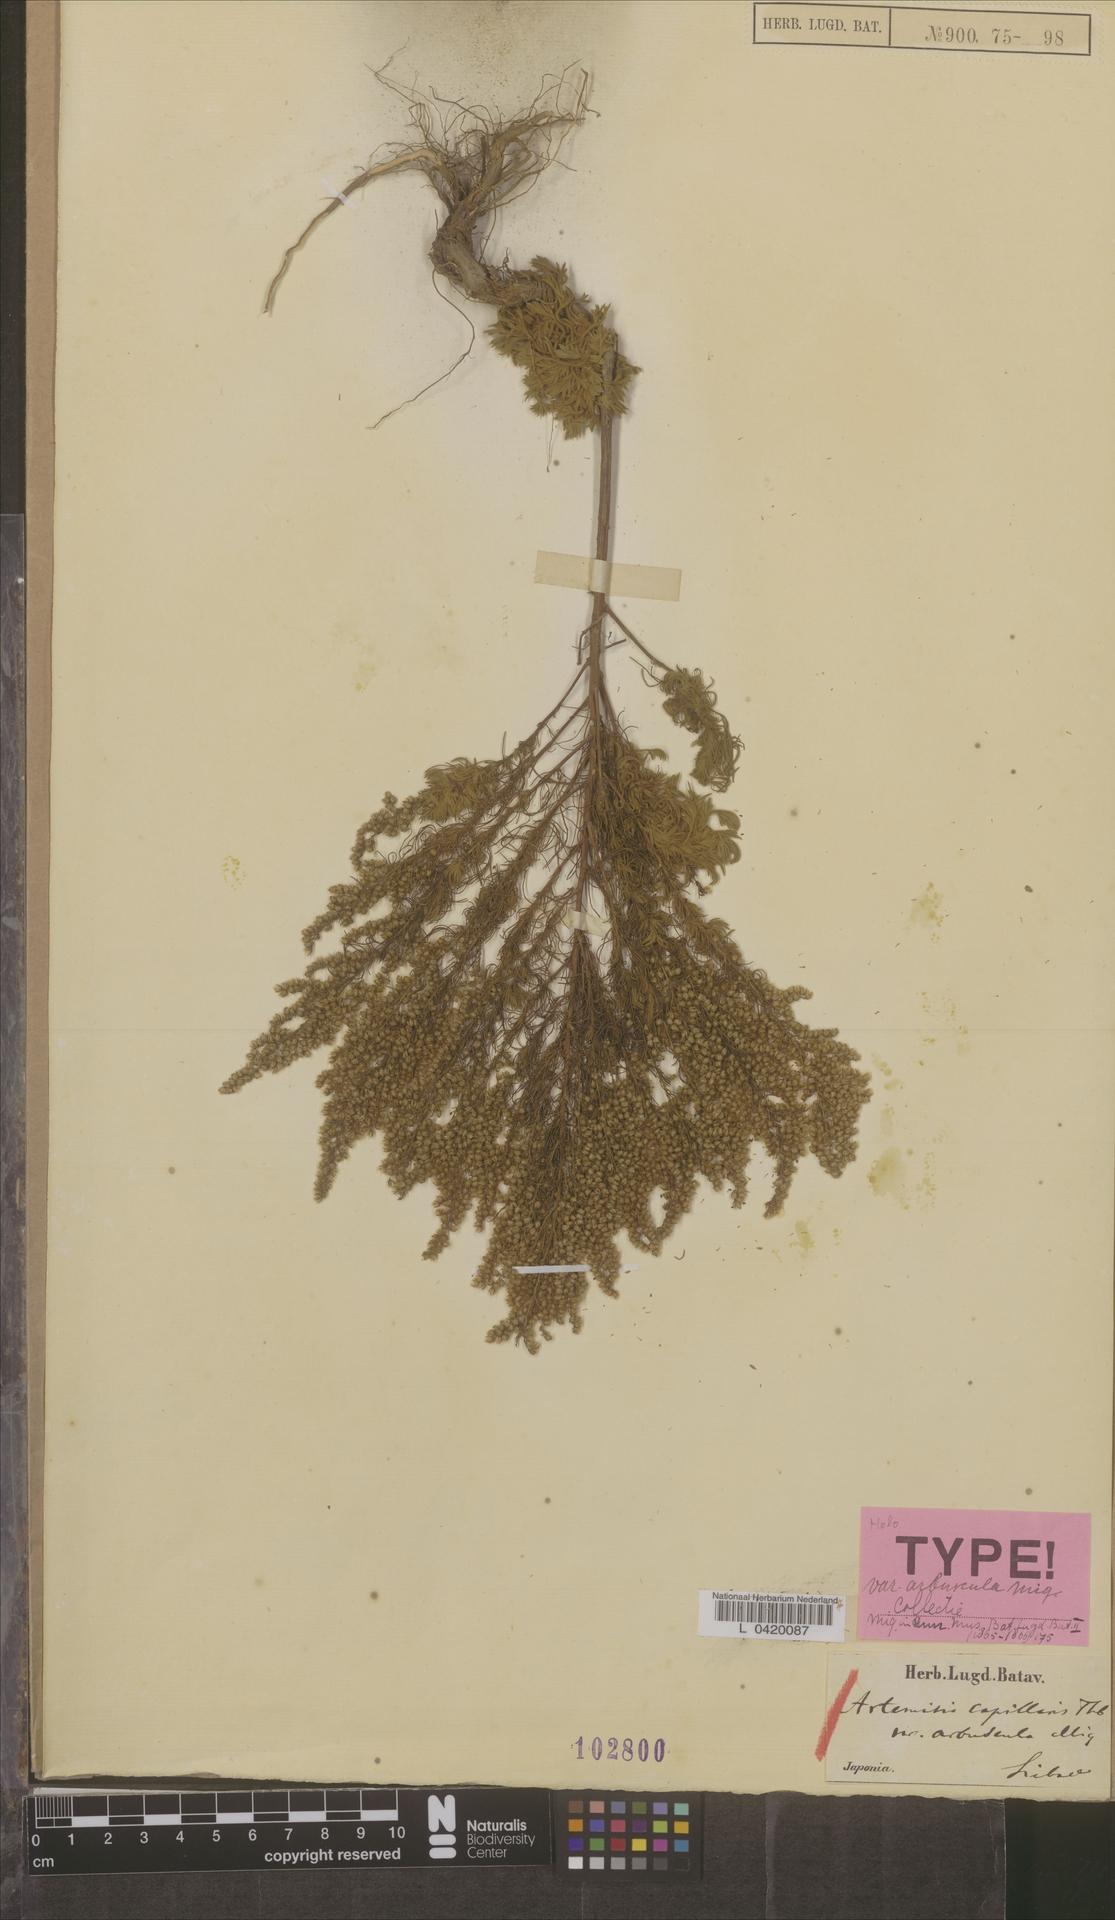 L  0420087 | Artemisia capillaris var. arbuscula Miq.